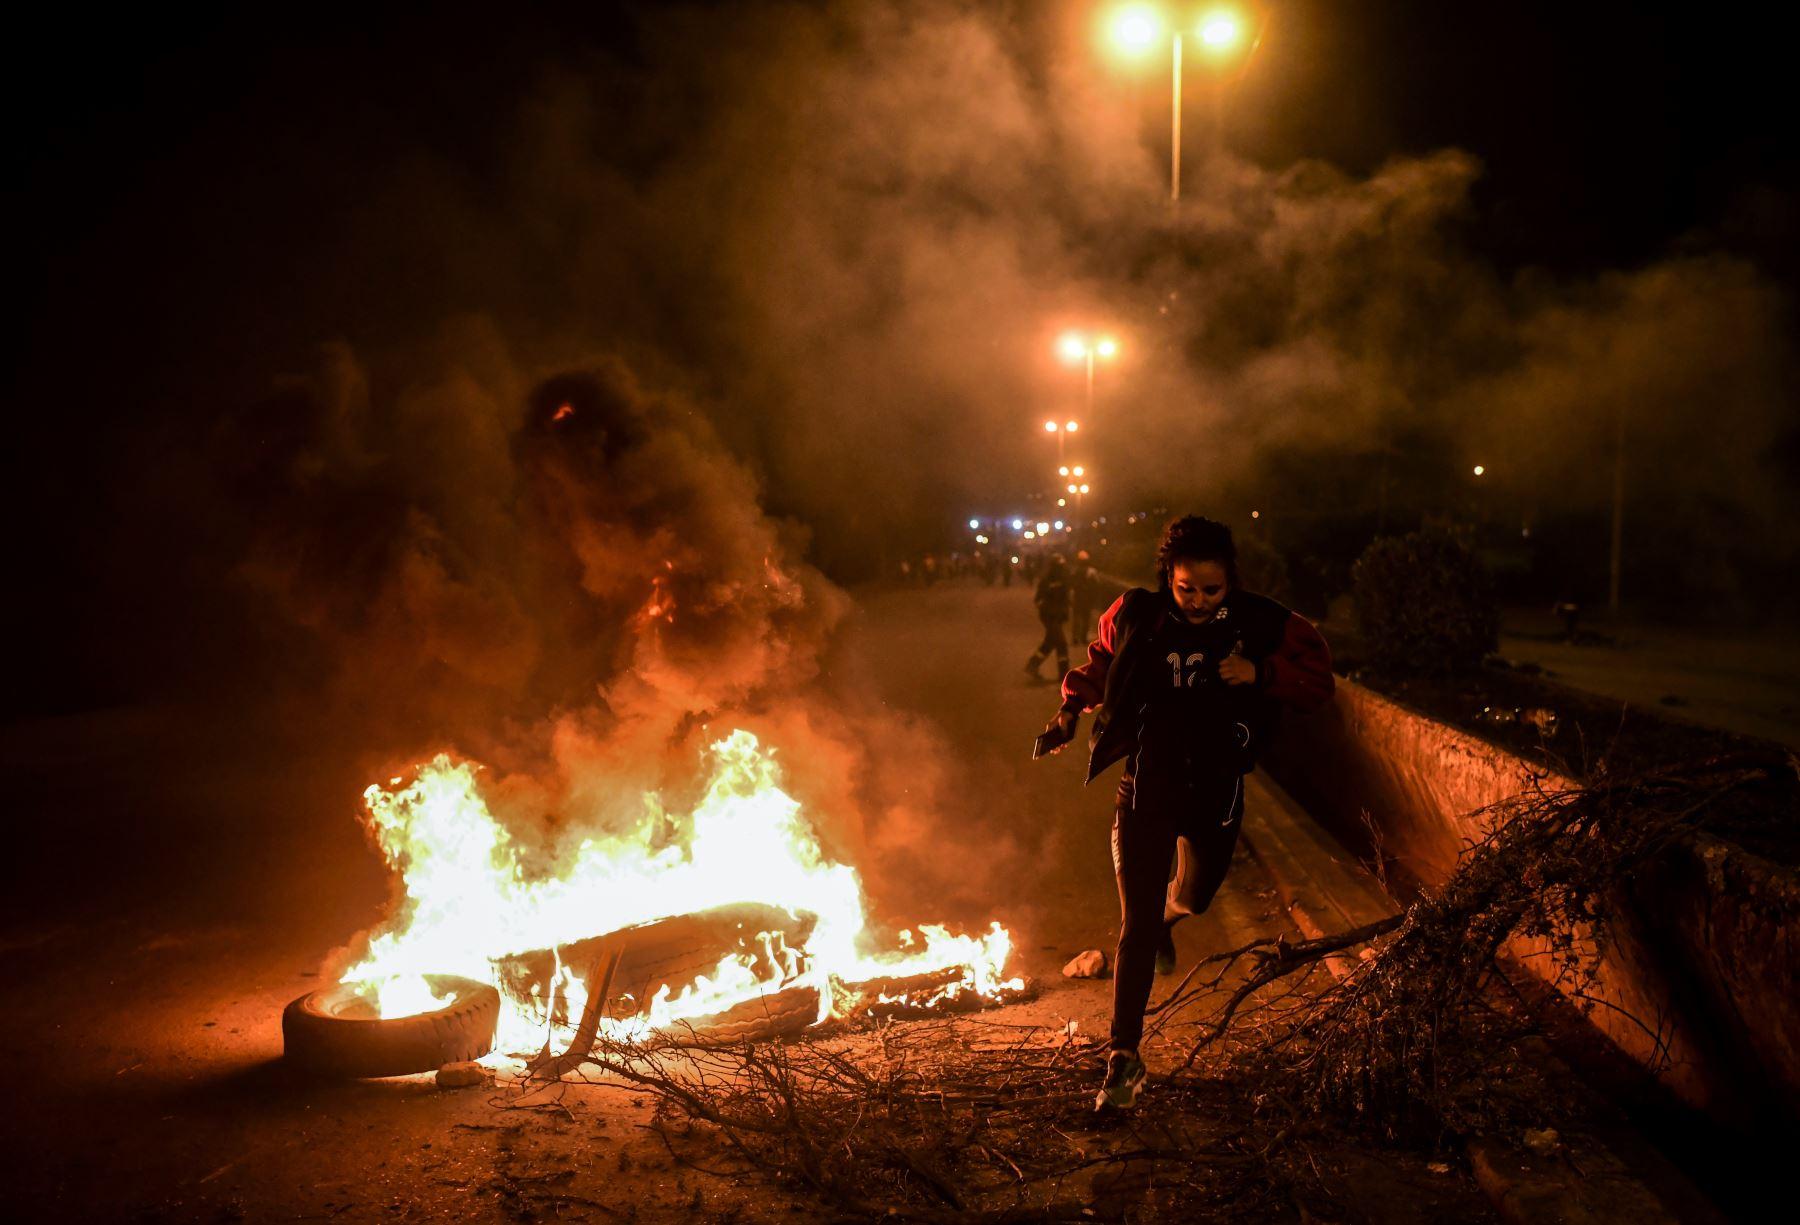 Una mujer cruza un bloqueo contra incendios establecido por partidarios del ex presidente boliviano Evo Morales en las afueras de Sacaba, provincia de Chapare, Cochabamba. Foto: AFP